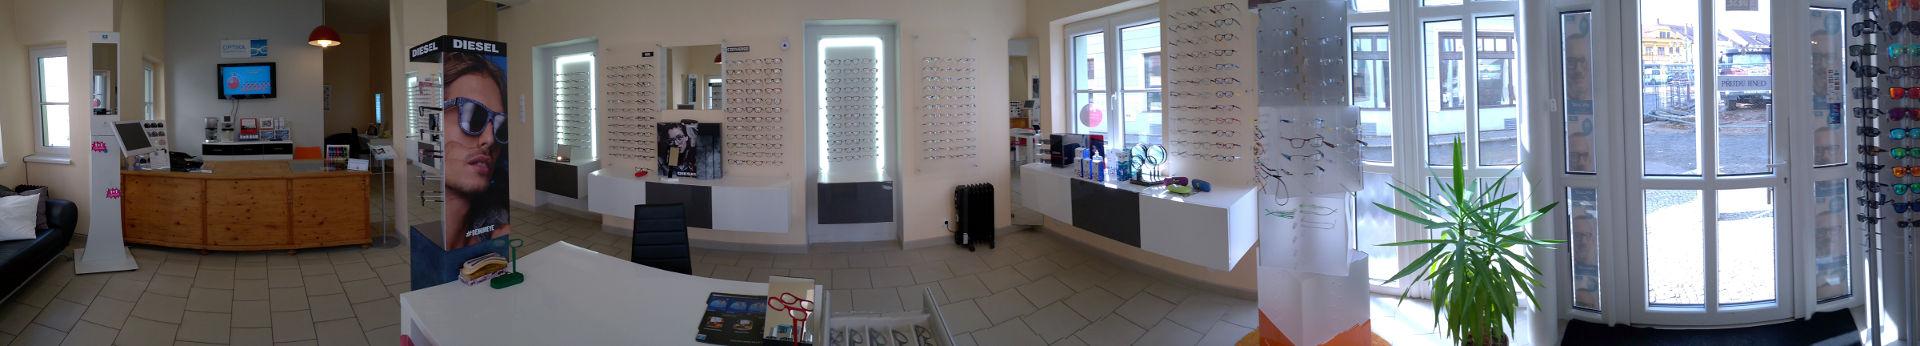 Takhle vypadá interiér pobočky naší oční optiky v Kaplici.